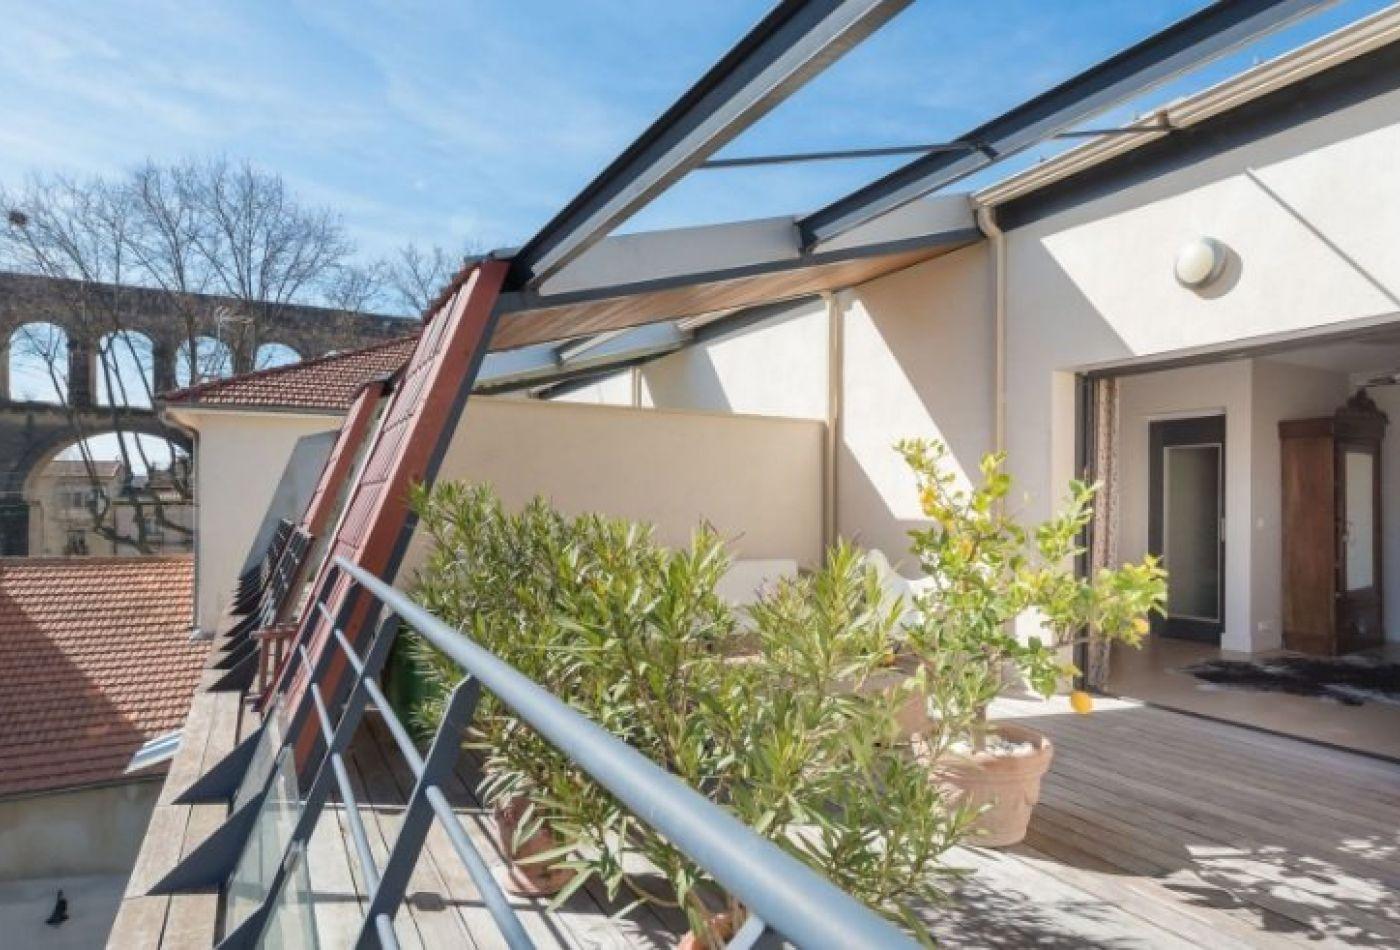 Maison loft en vente montpellier argence for Maison montpellier arceaux